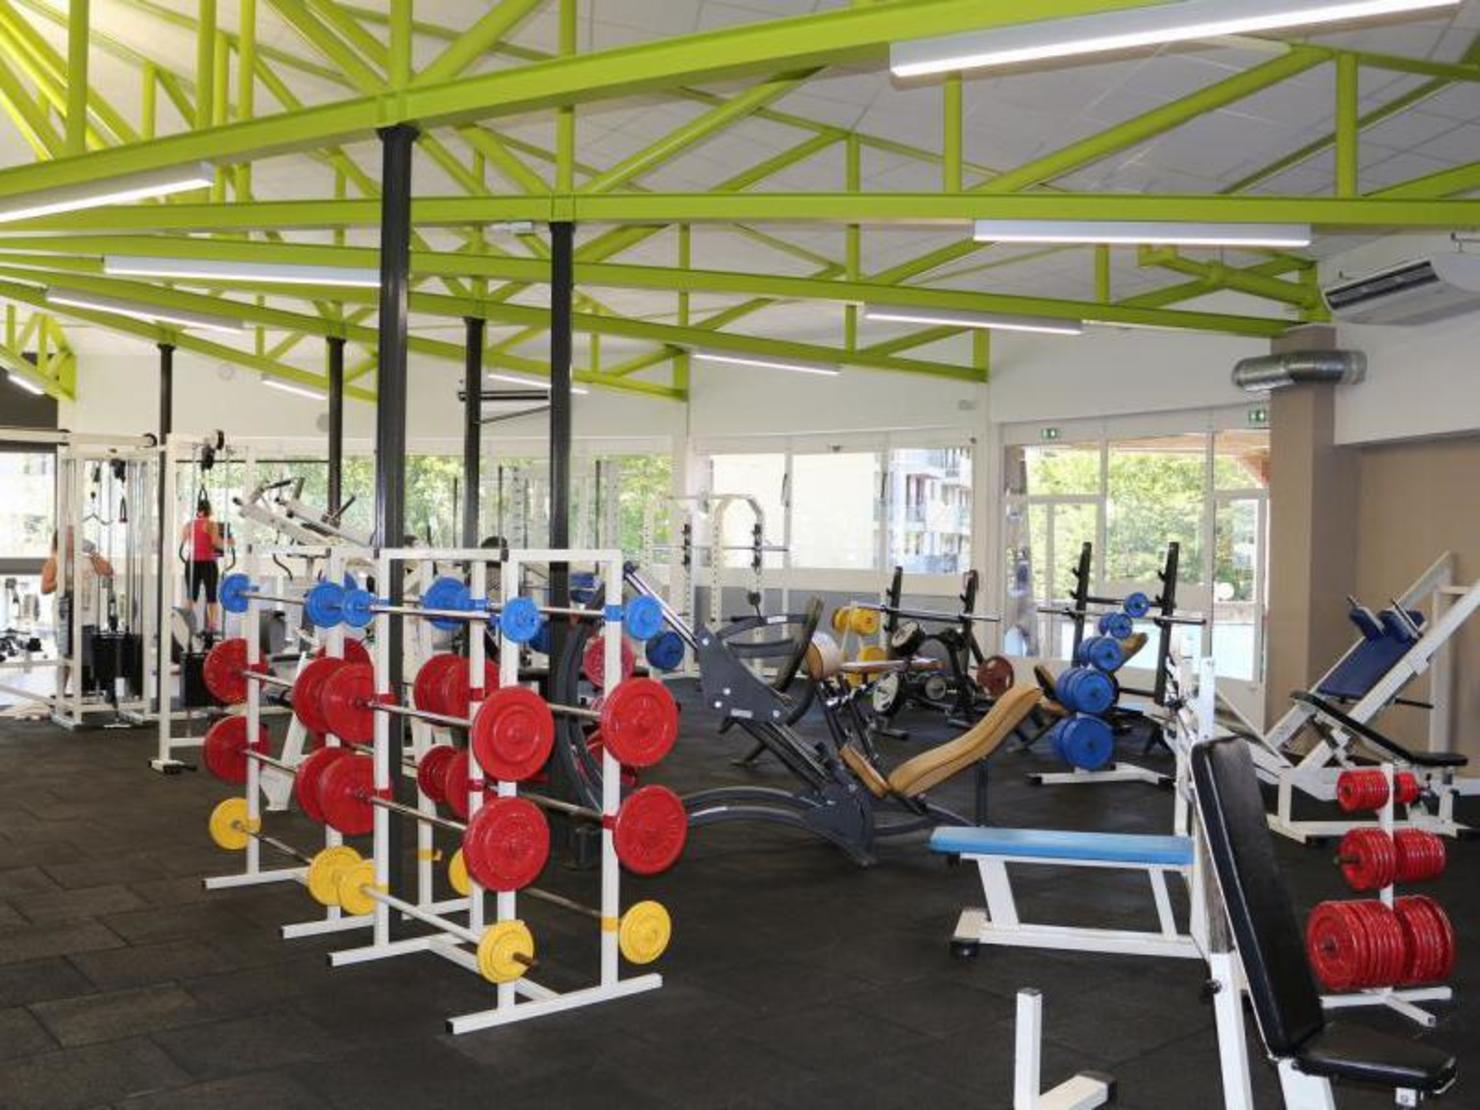 ovalie fitness colomiers tarifs avis horaires essai gratuit